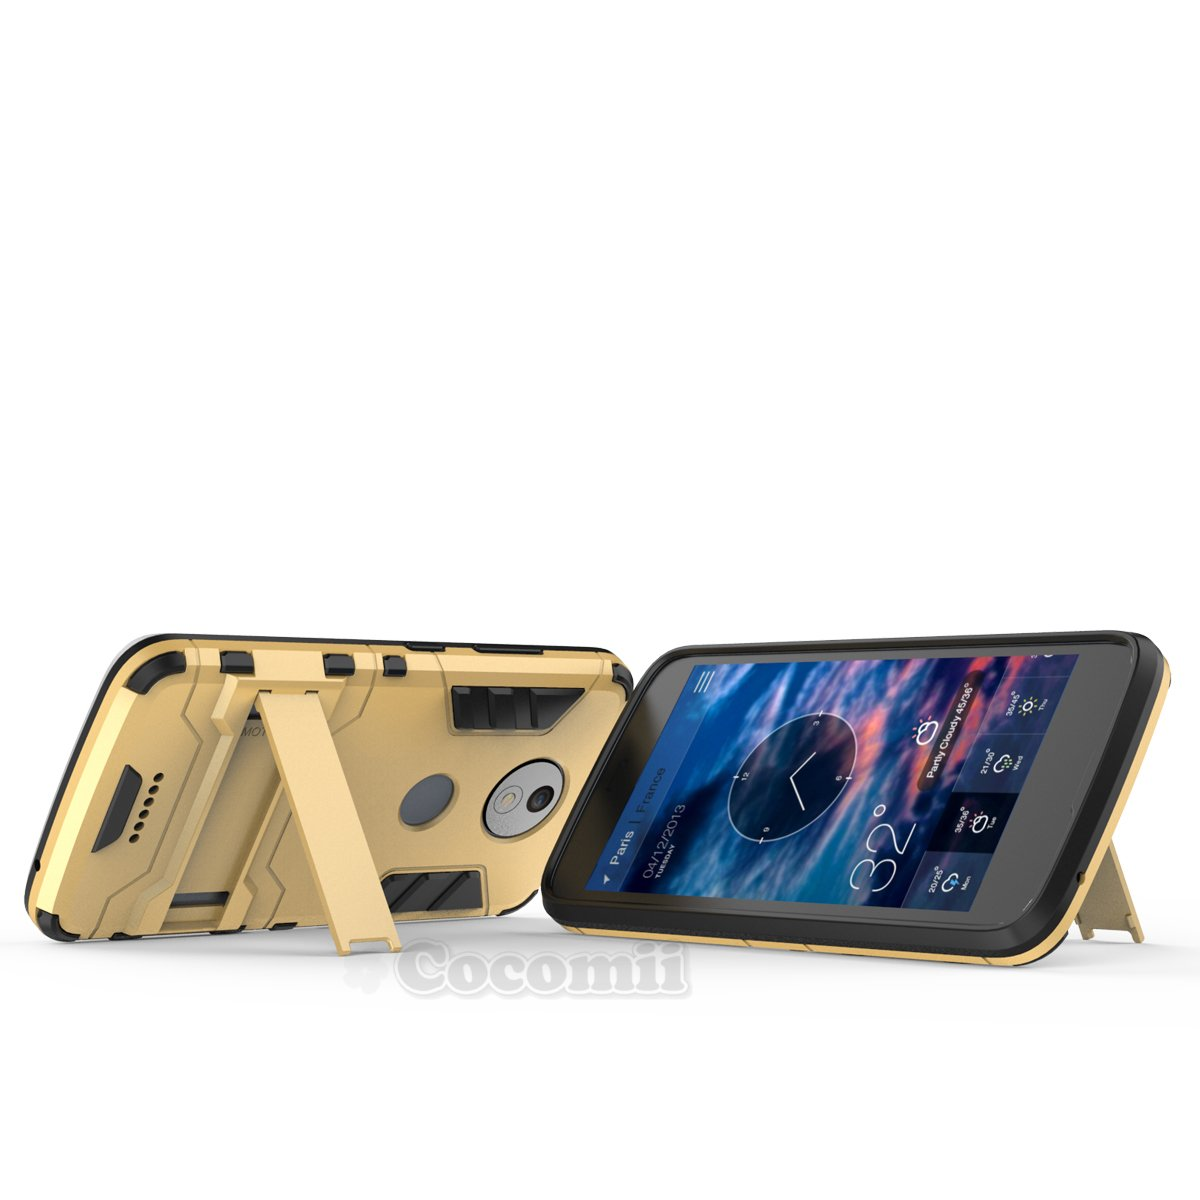 Cocomii Iron Man Armor Motorola Moto C Plus Funda [Robusto] Superior Táctico Sujeción Soporte Antichoque Caja [Militar Defensor] Cuerpo Completo Sólido Case ...